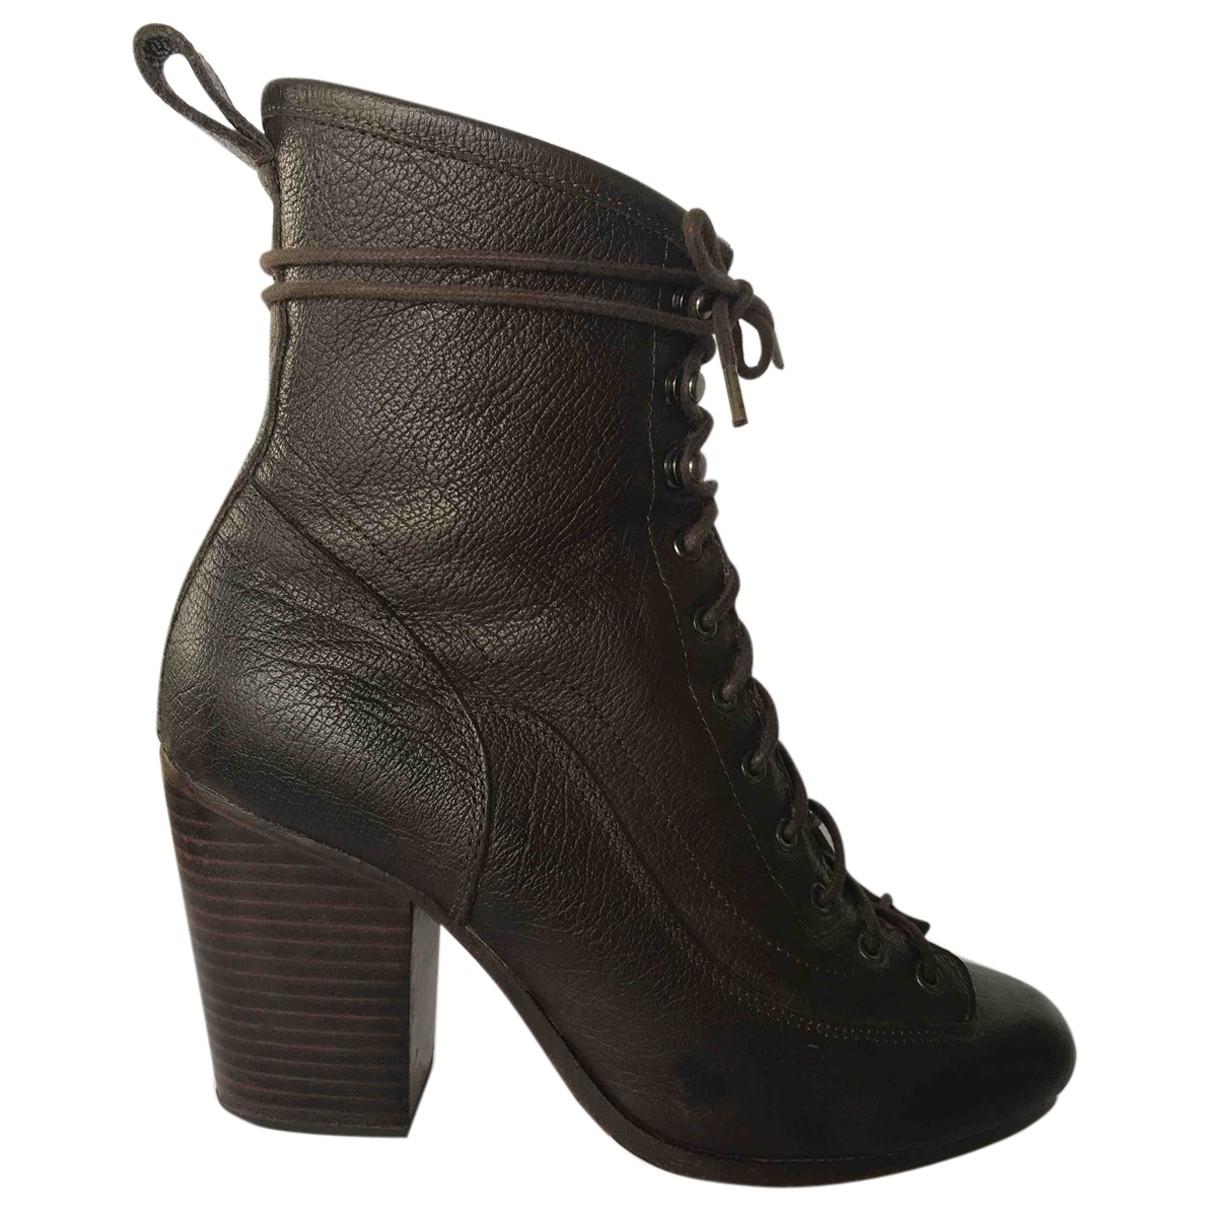 Rag & Bone - Boots   pour femme en cuir - marron